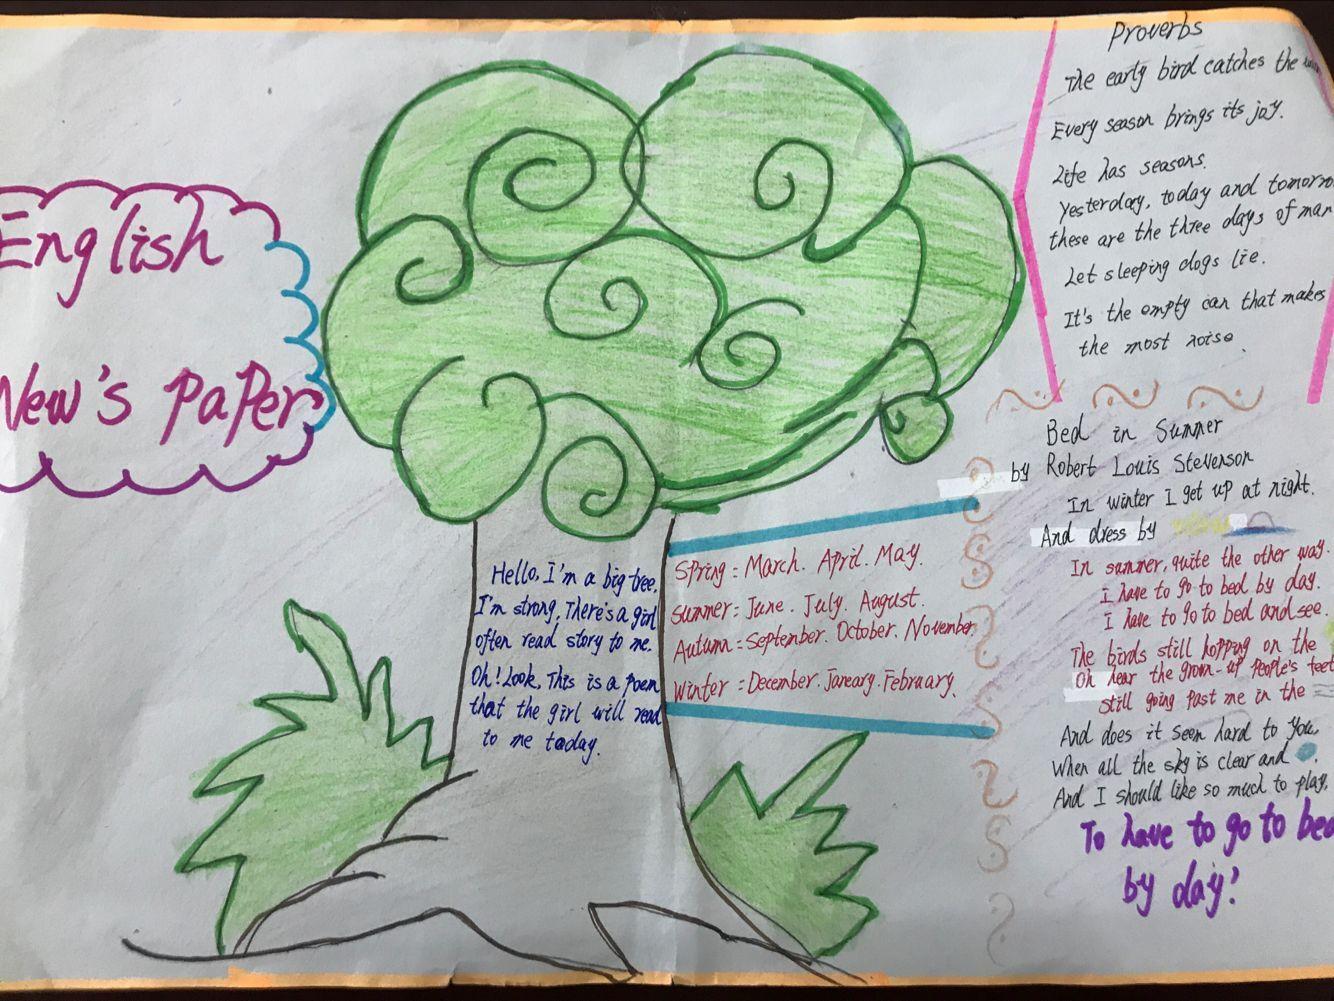 学习状态是一种意识层面的状态,是与文化相关联的社会意识品质,分析是学生是否拥有和怎样使学生拥有接纳英语语言学习并内化为相应意识品质的内在意识前提,做手抄报会提高学生的英语兴趣。虹桥小学英语组于5月 22日下午,举行了五年级组知识树手抄报比赛。  在活动中,学生们积极参与,用自己的智慧和巧手,制作出了一张张精美的英语小报。许多作品不仅色彩丰富、图文并茂、书写美观,而且将所学知识整理、归纳,形成知识体系,为今后的学习提供了支撑。  通过本次活动的开展,学生英语的综合运用能力得以提升,更对学校英语组的教育教学起